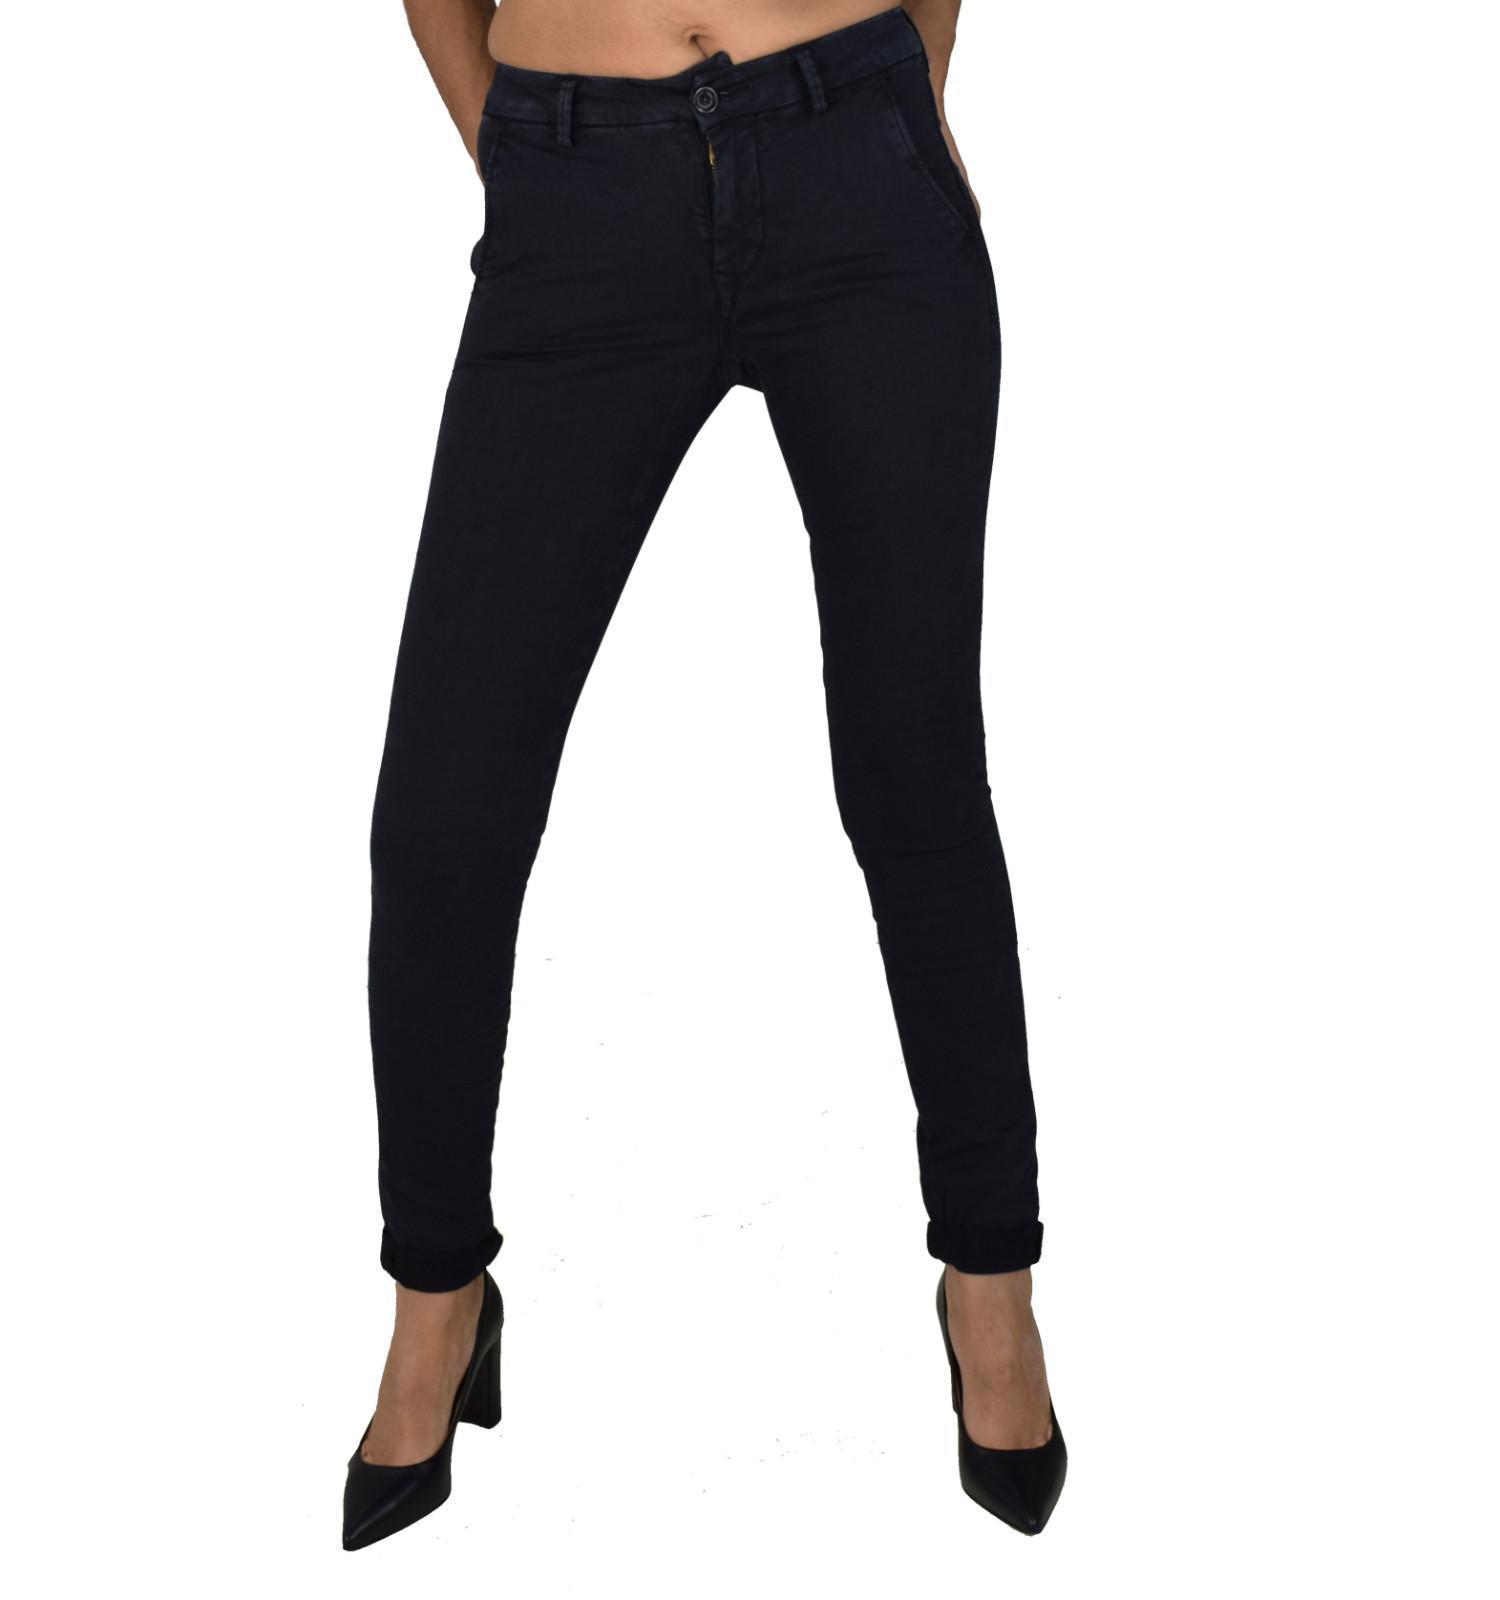 Γυναικείο Παντελόνι Καπαρντίνα Scinn Kim 217 Μπλε Μαύρο ... a2be86d412f